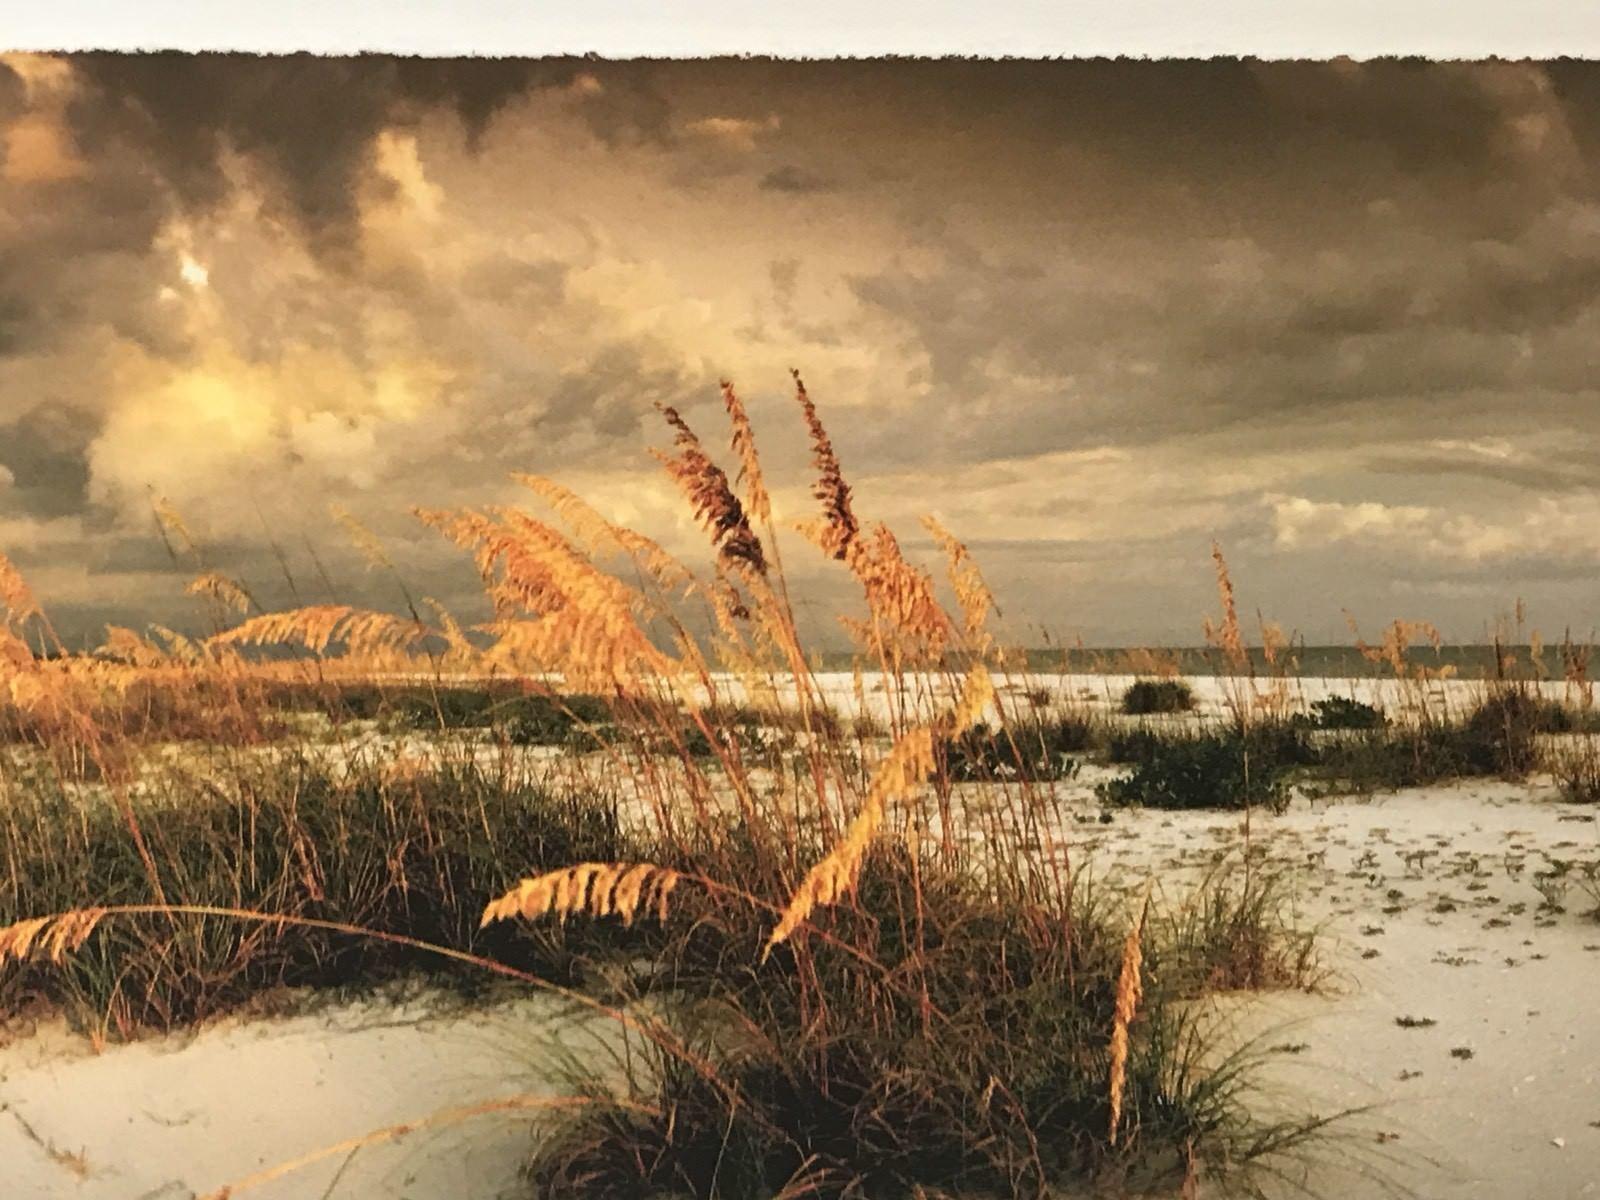 BEACH PHOTO ART PRINT - Doug Cavanah Dunes Ocean Photograph Signed Matted